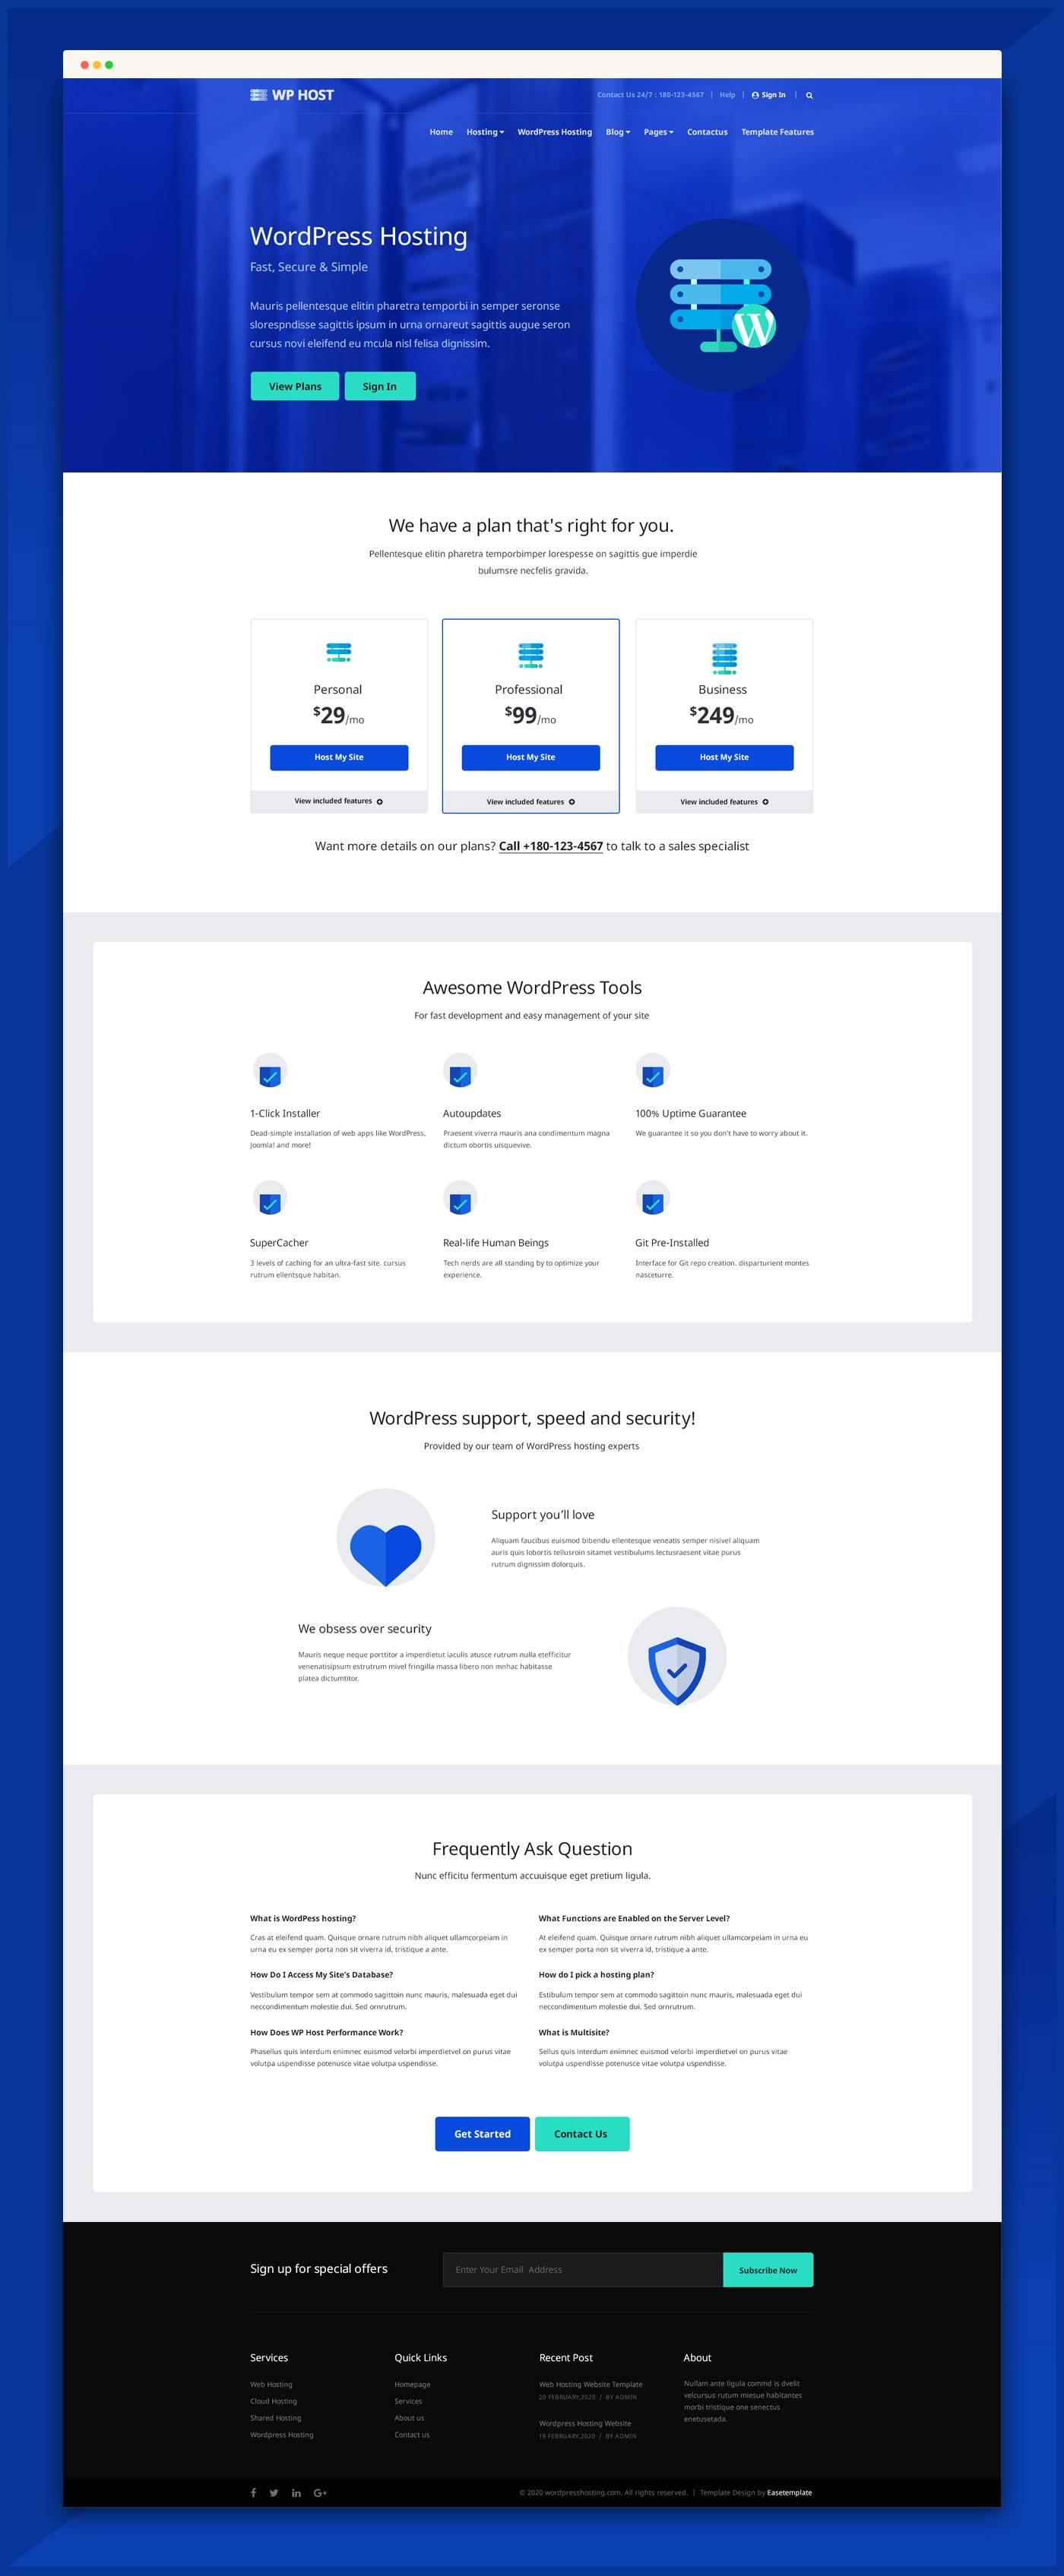 网站托管服务网站模板 psd素材下载 网页模板-第2张